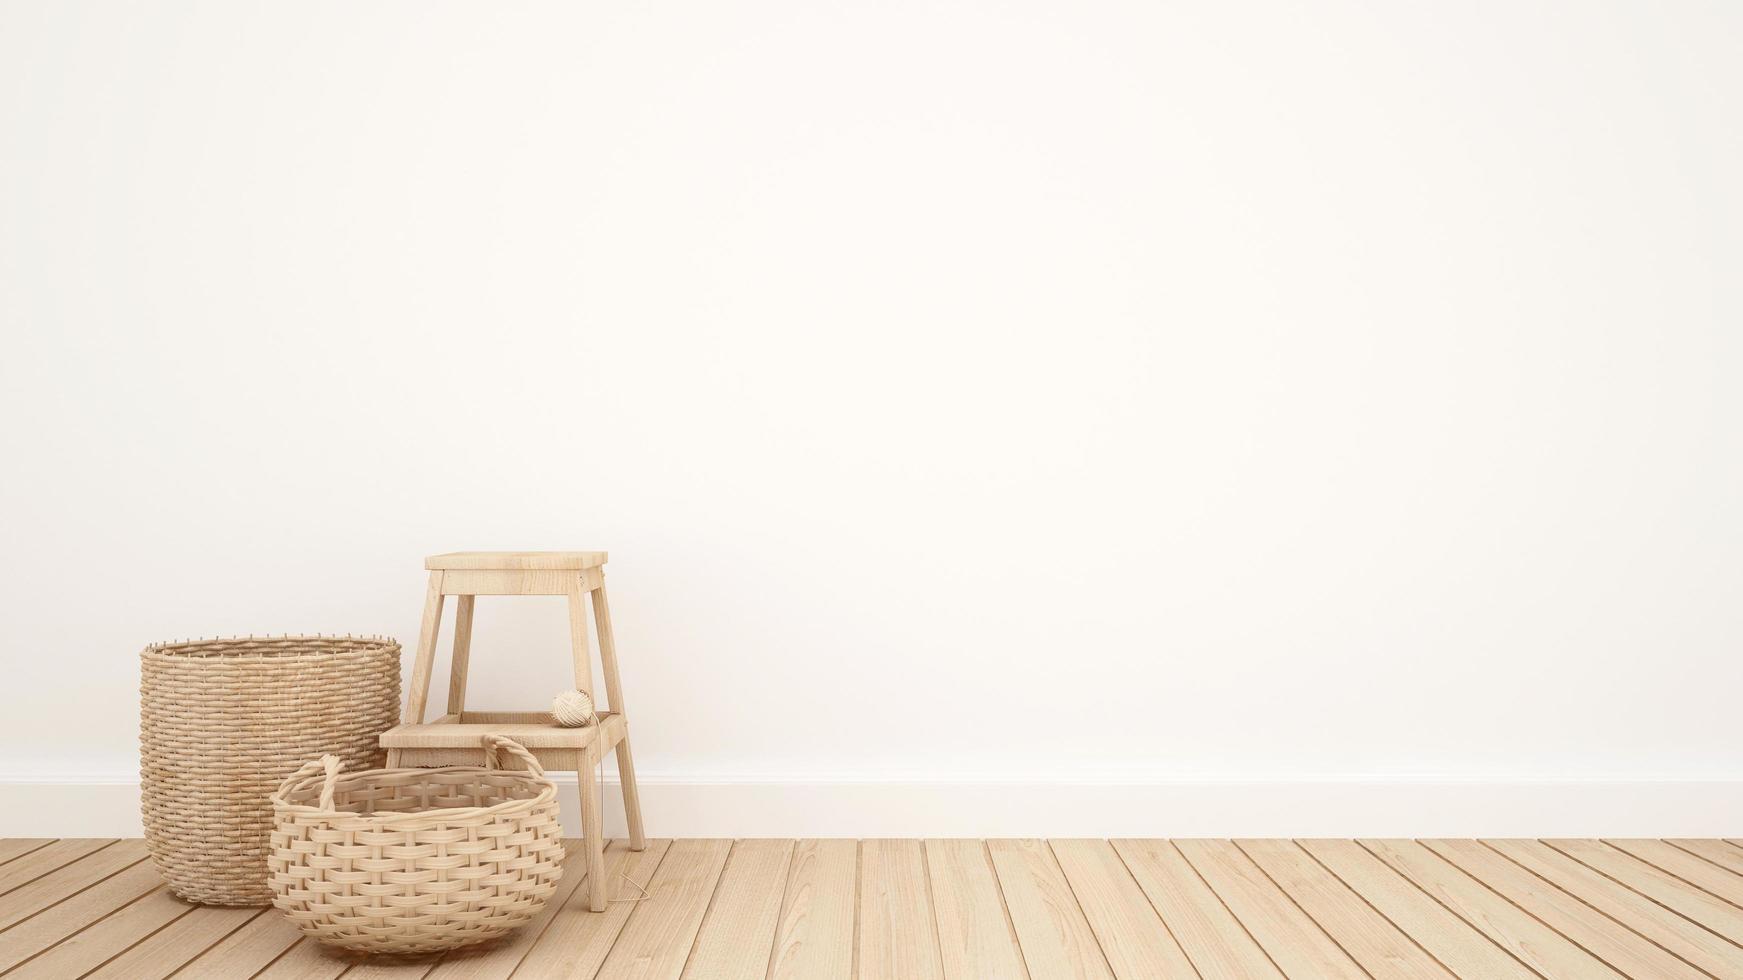 korg och pall i det vita rummet för konstverk foto